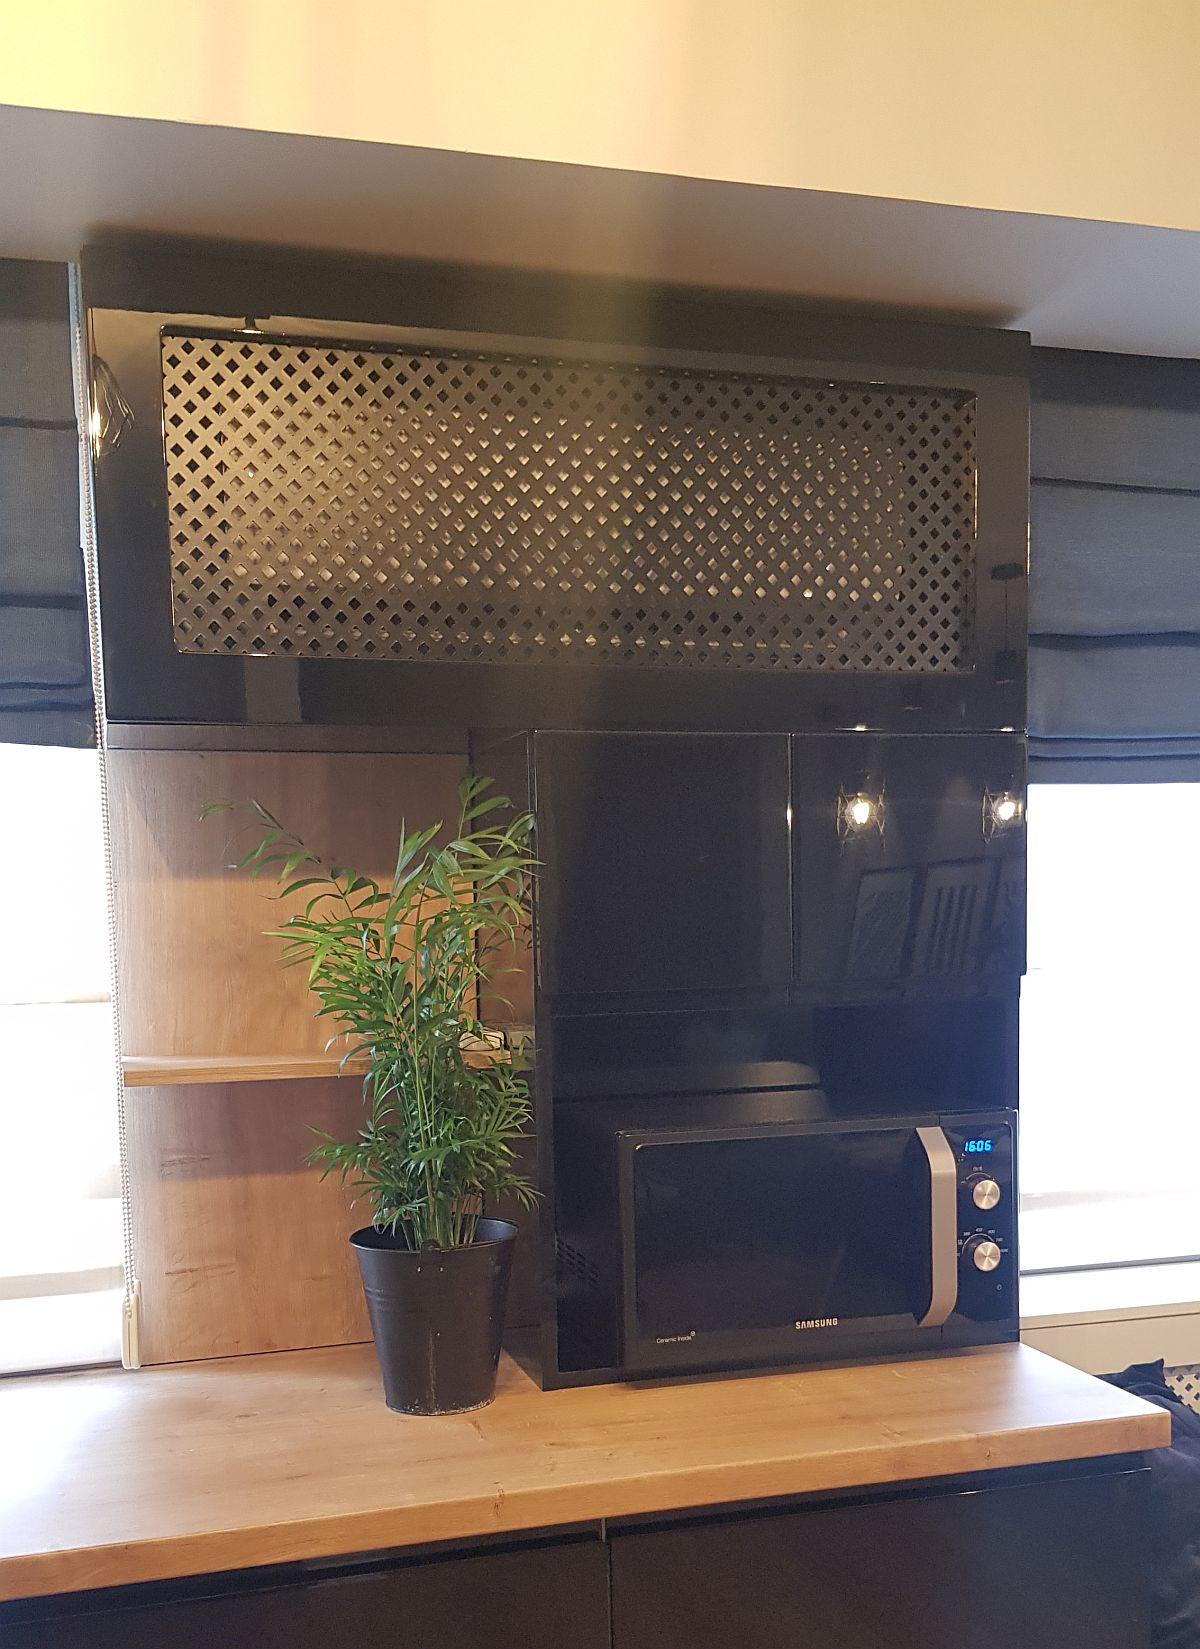 Aparatul de aer condiționat situat între ferestre este mascat cu un panou traforat vopsit negru lucios la fel ca și mobila din bucătărie.